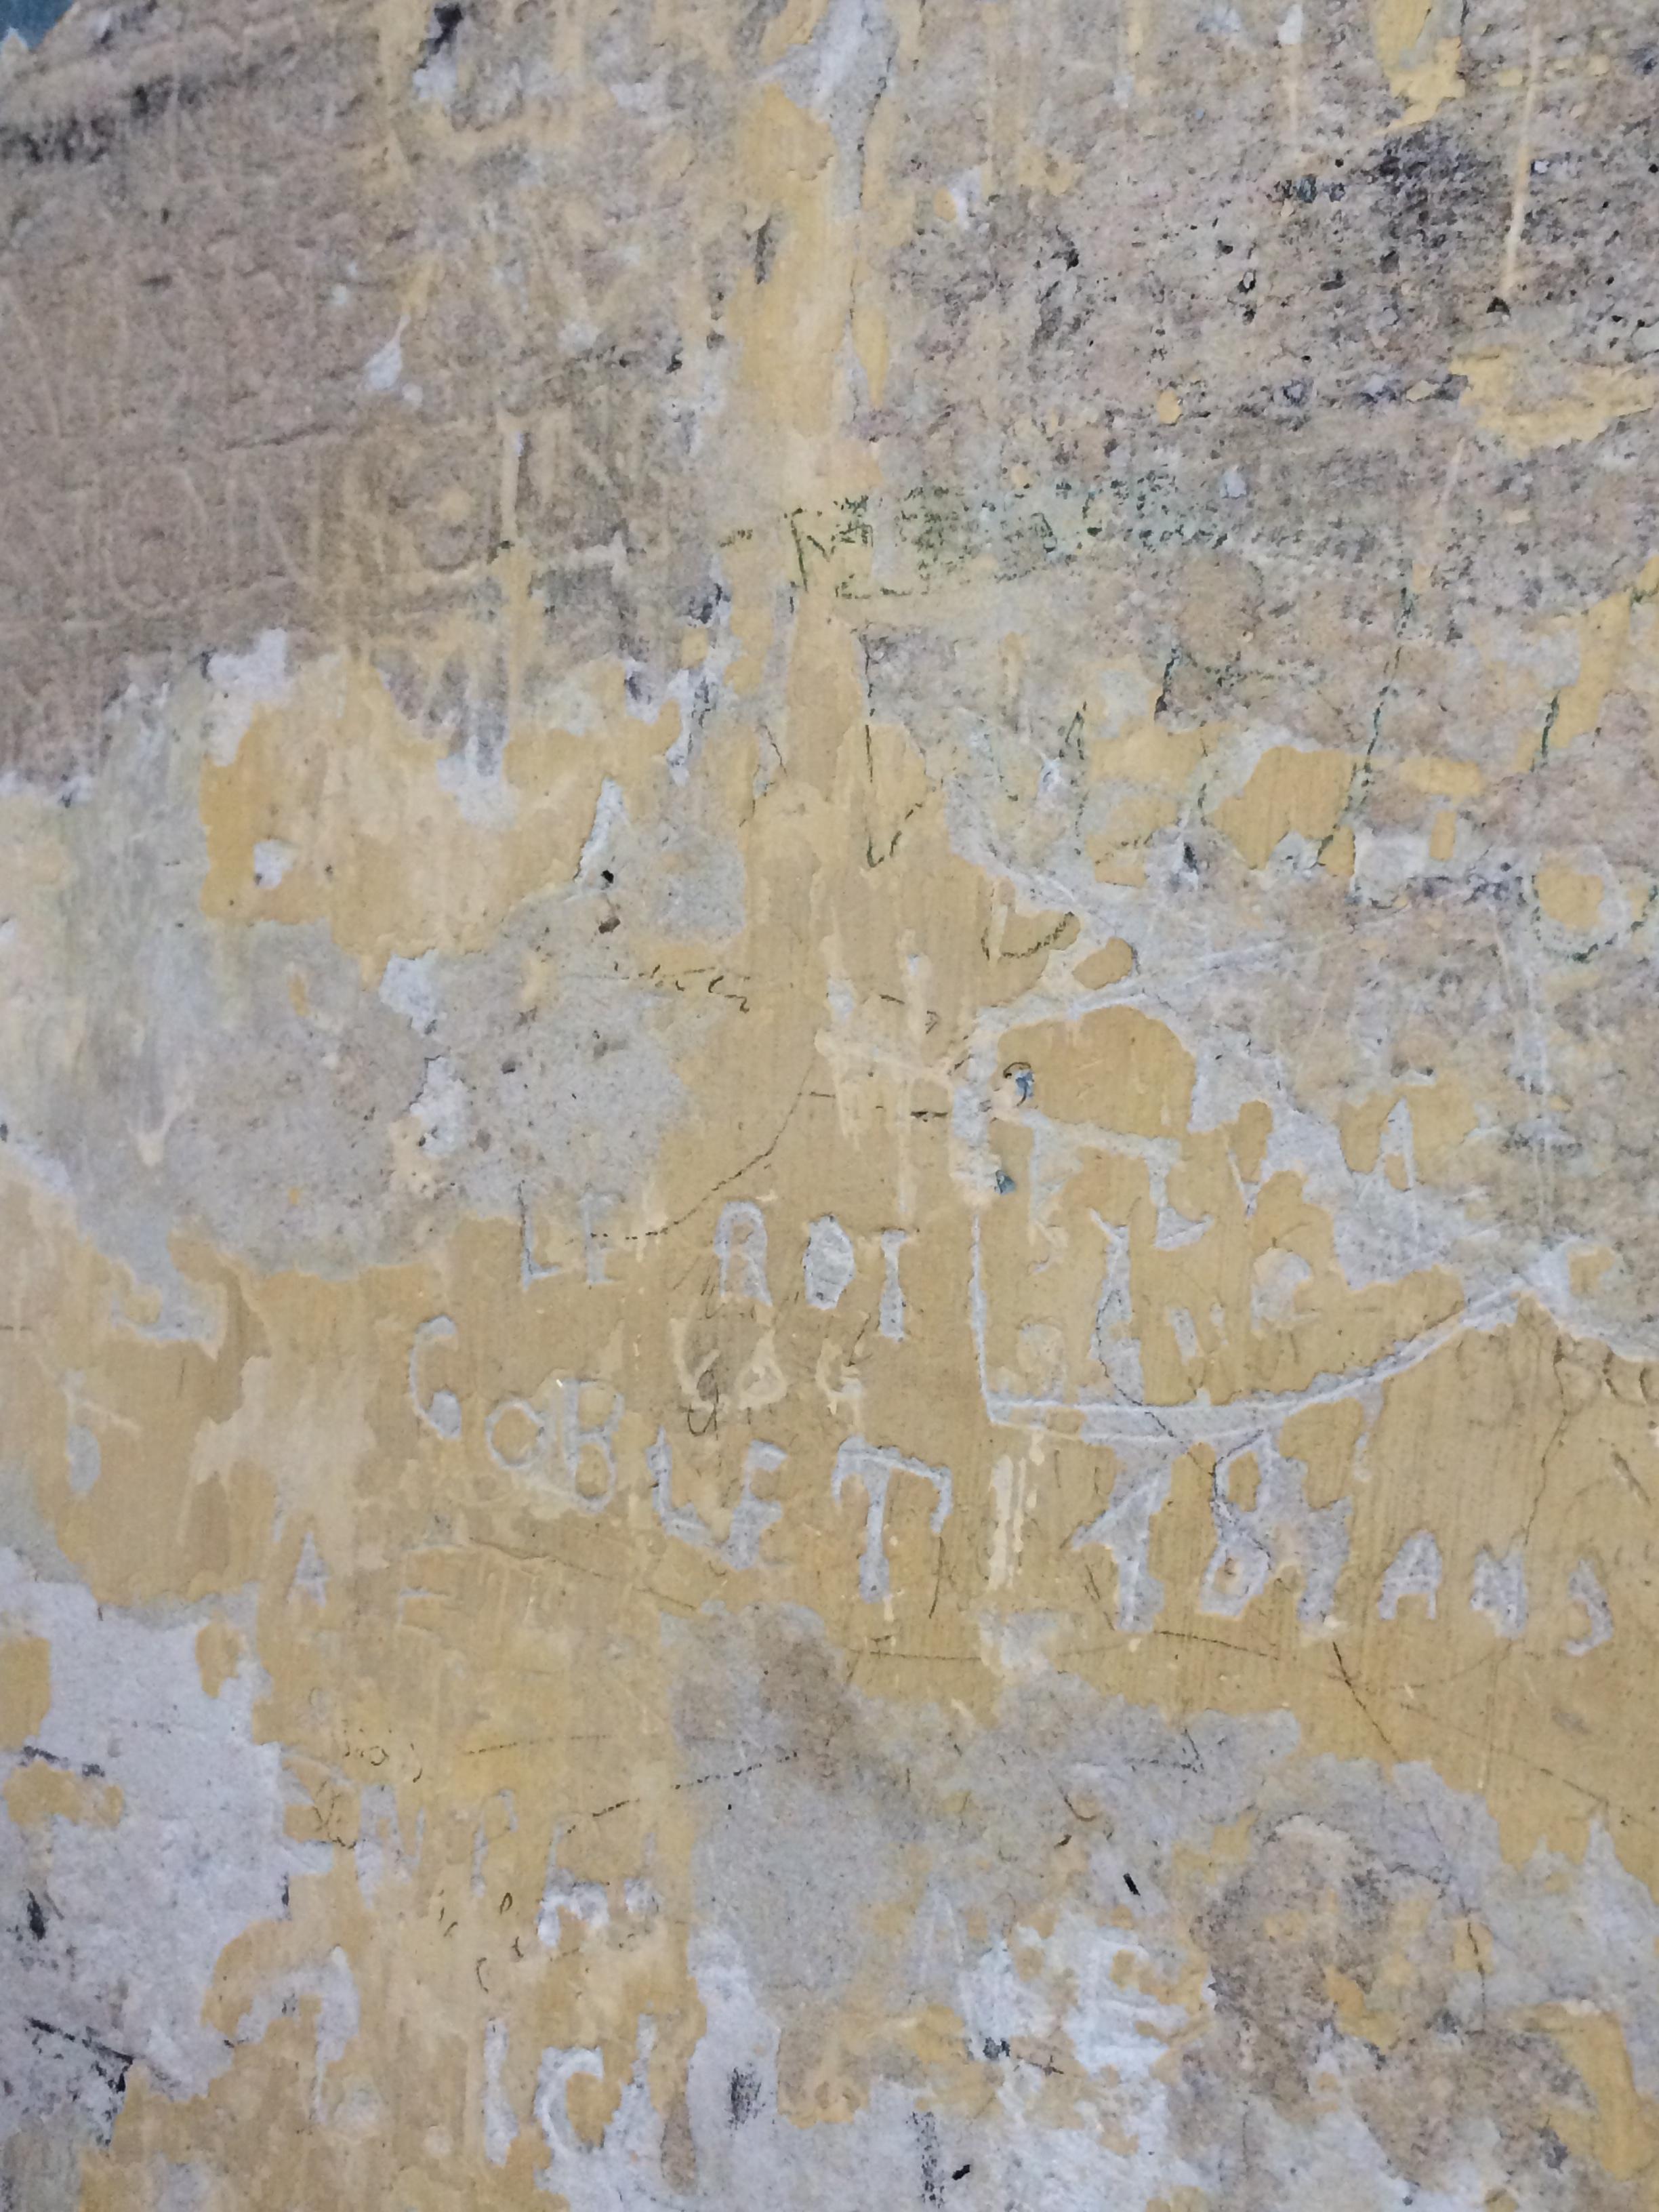 Prison Graffiti